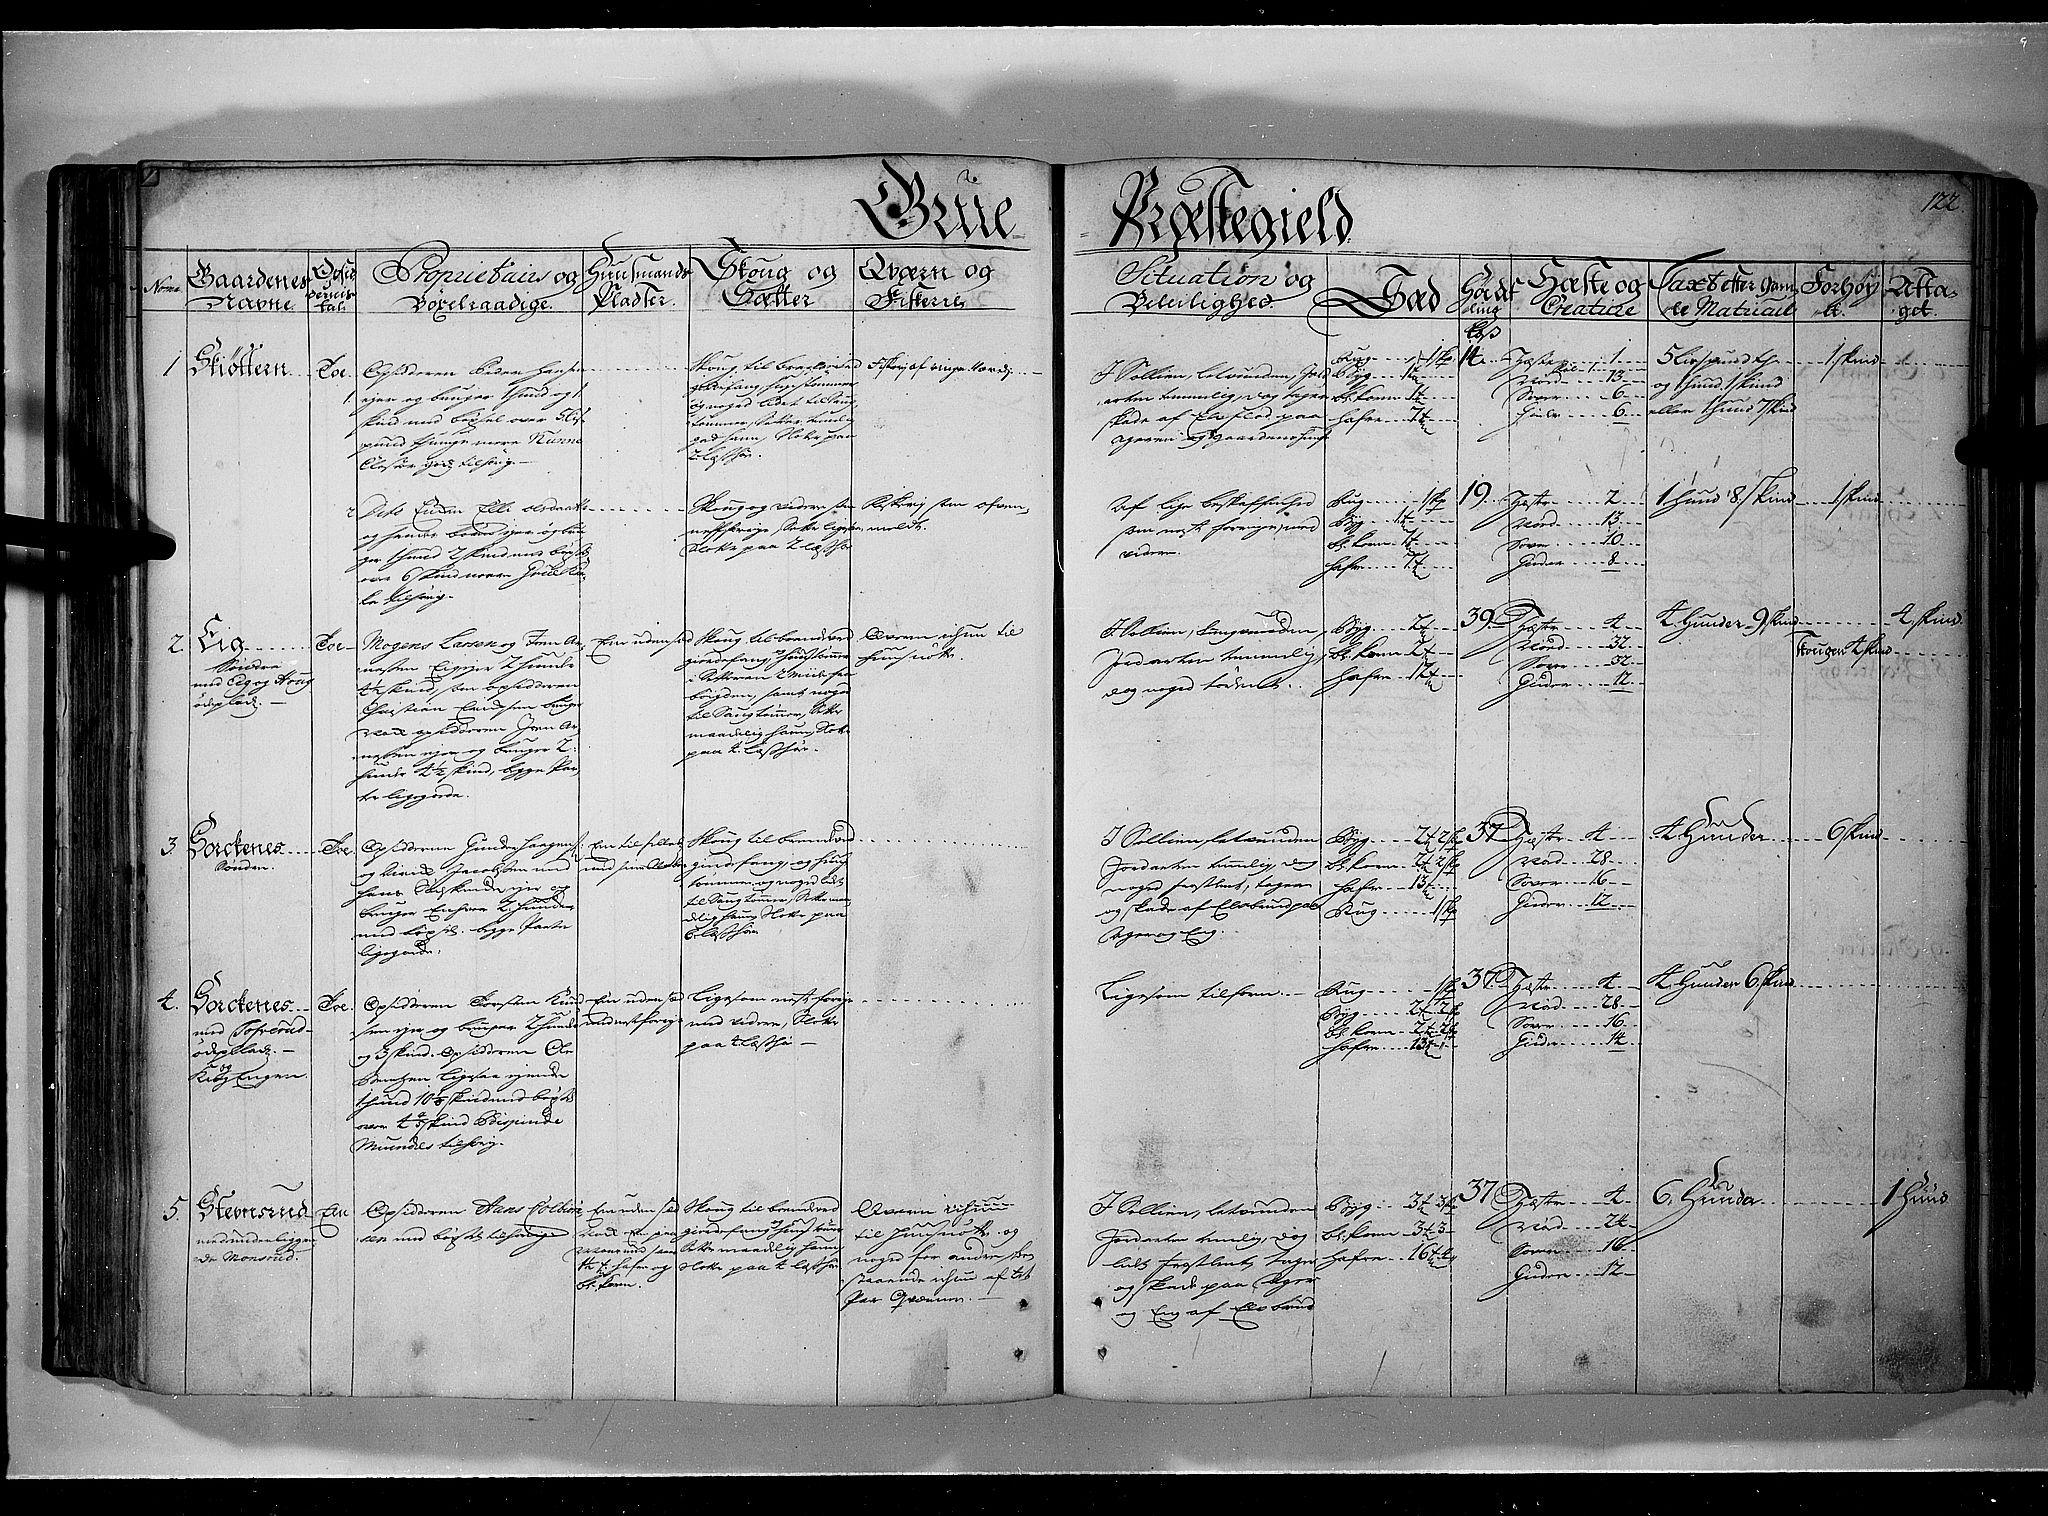 RA, Rentekammeret inntil 1814, Realistisk ordnet avdeling, N/Nb/Nbf/L0101: Solør, Østerdalen og Odal eksaminasjonsprotokoll, 1723, s. 121b-122a